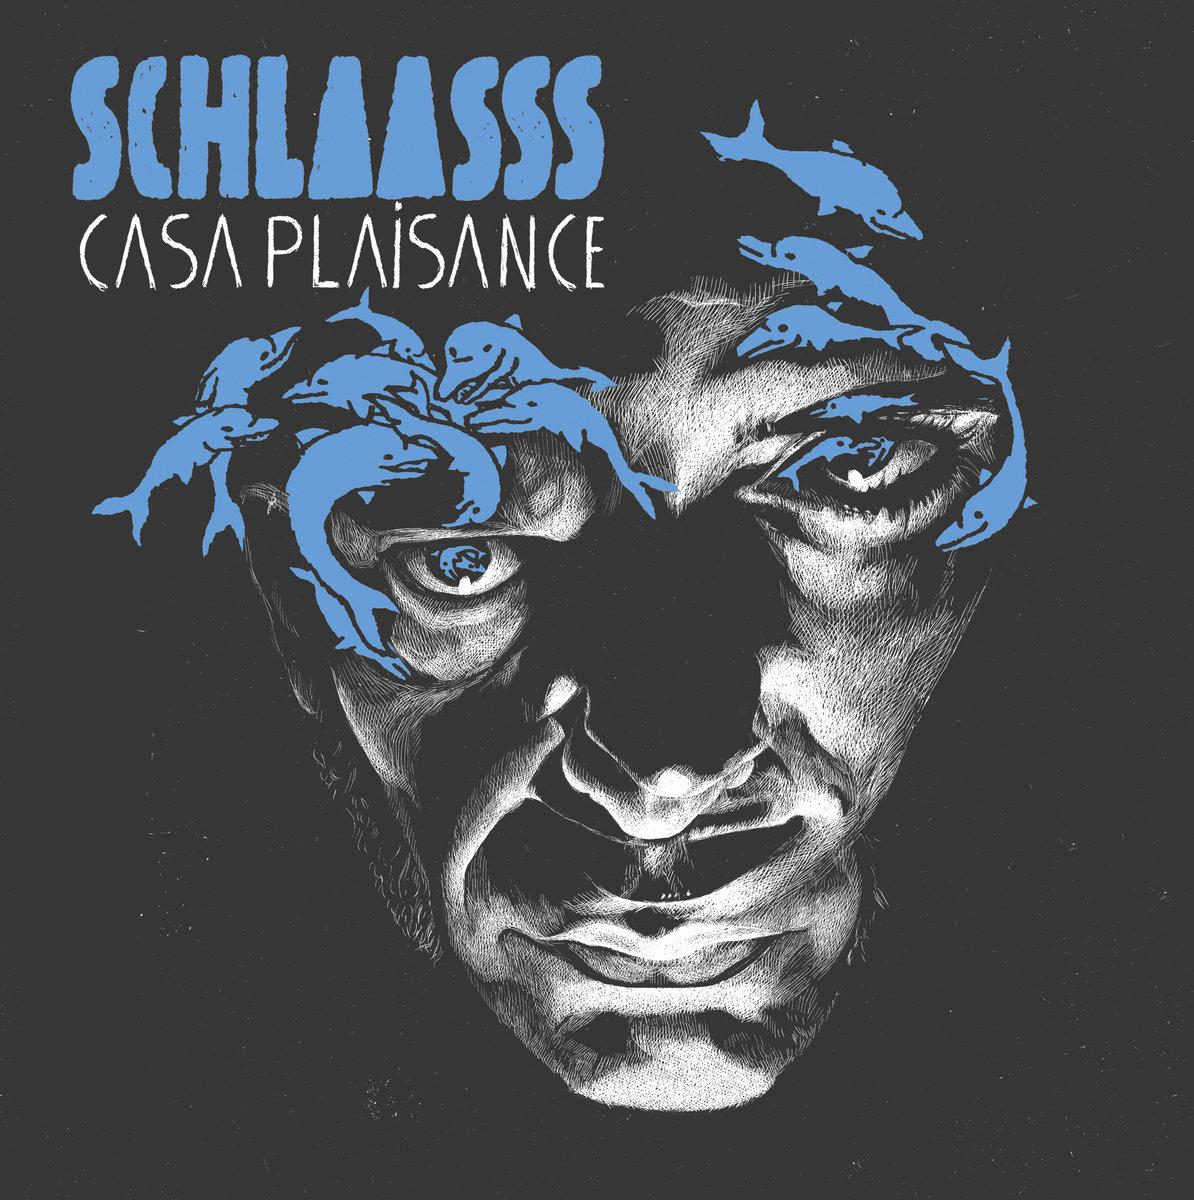 Favoris Casa Plaisance | Schlaasss QS65